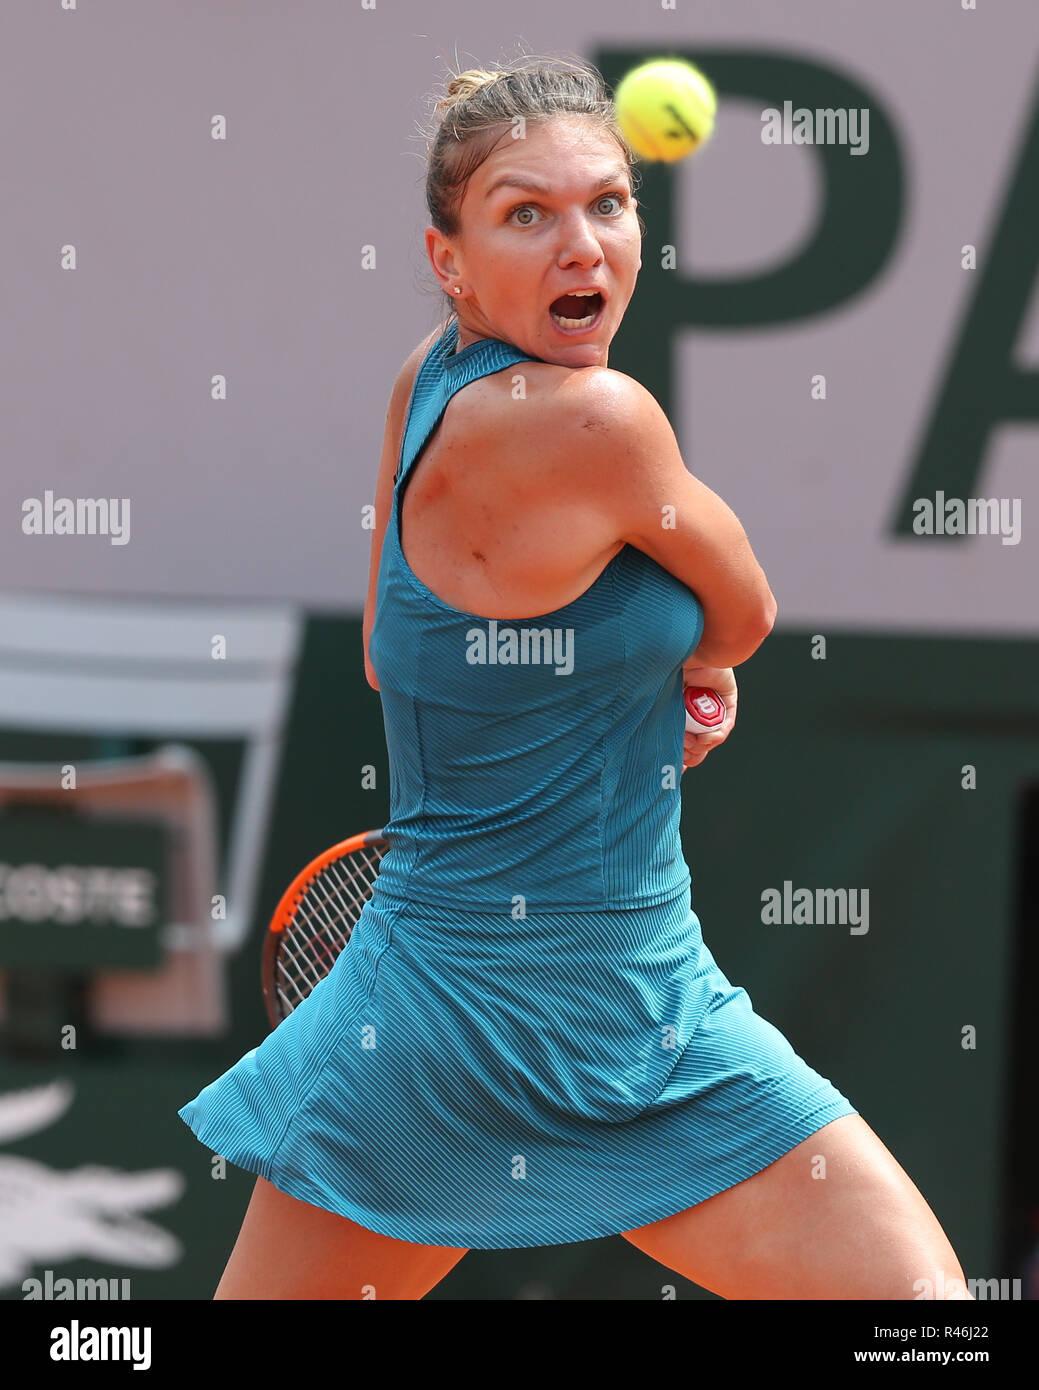 La tenista rumana Simona Halep en acción en el Abierto de Francia 2018, Paris, Francia Imagen De Stock